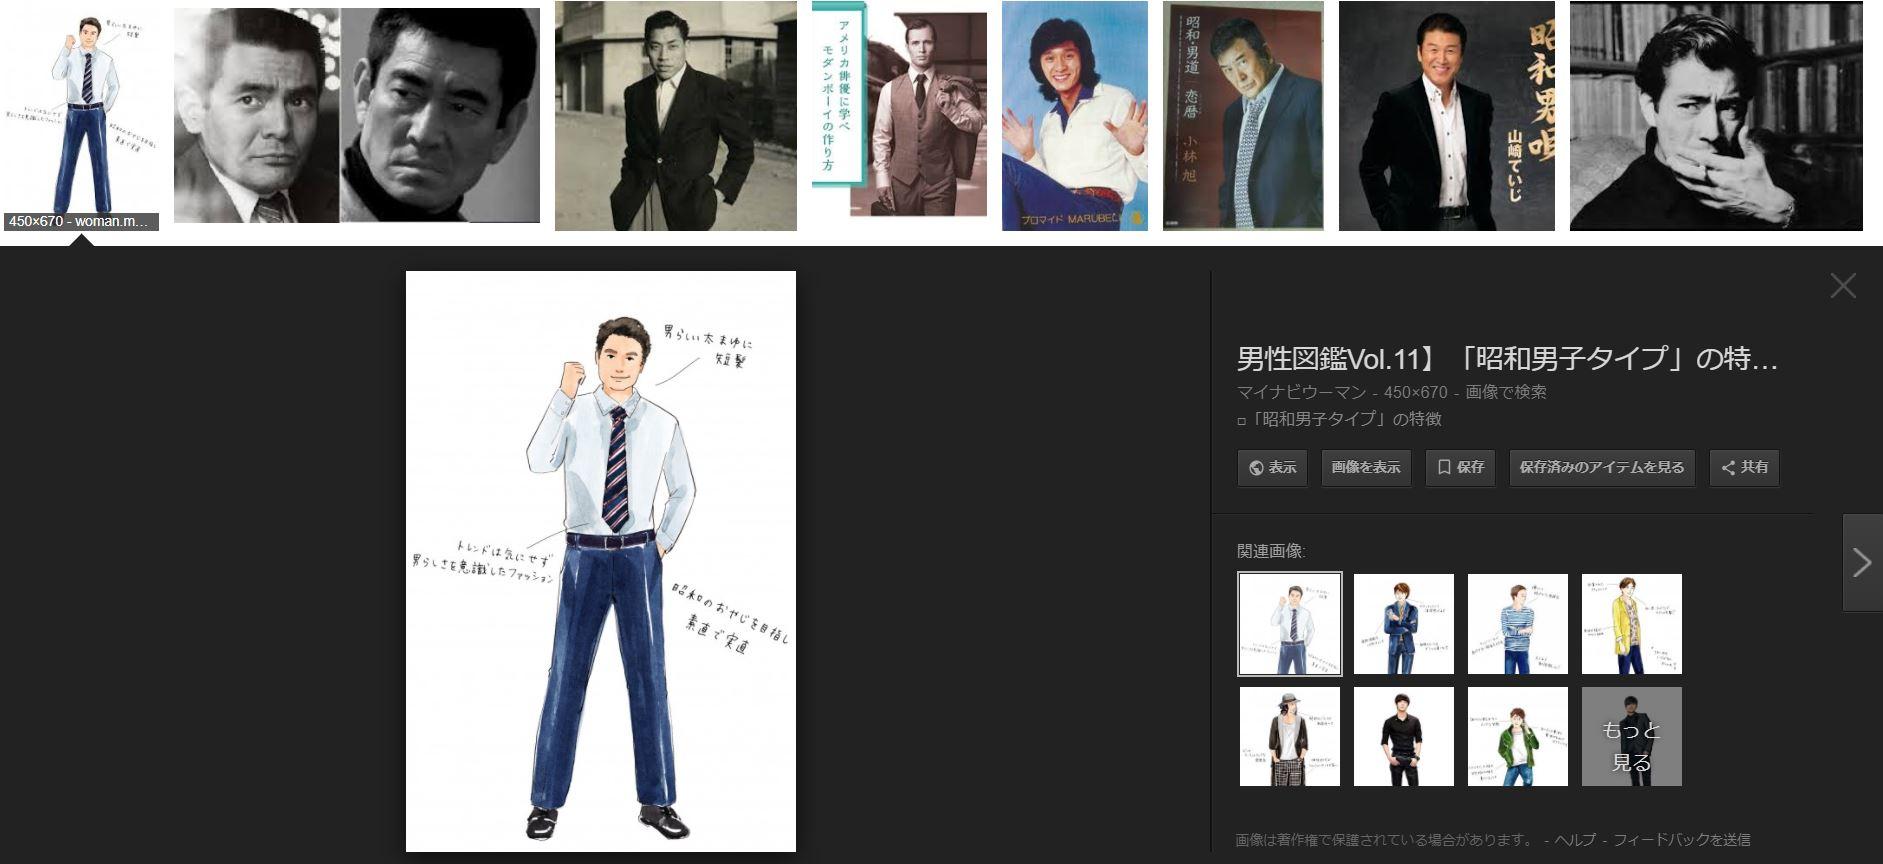 男の眉毛カットが東京では割と常識な理由を考えるうえで割と重要だった昭和の男眉